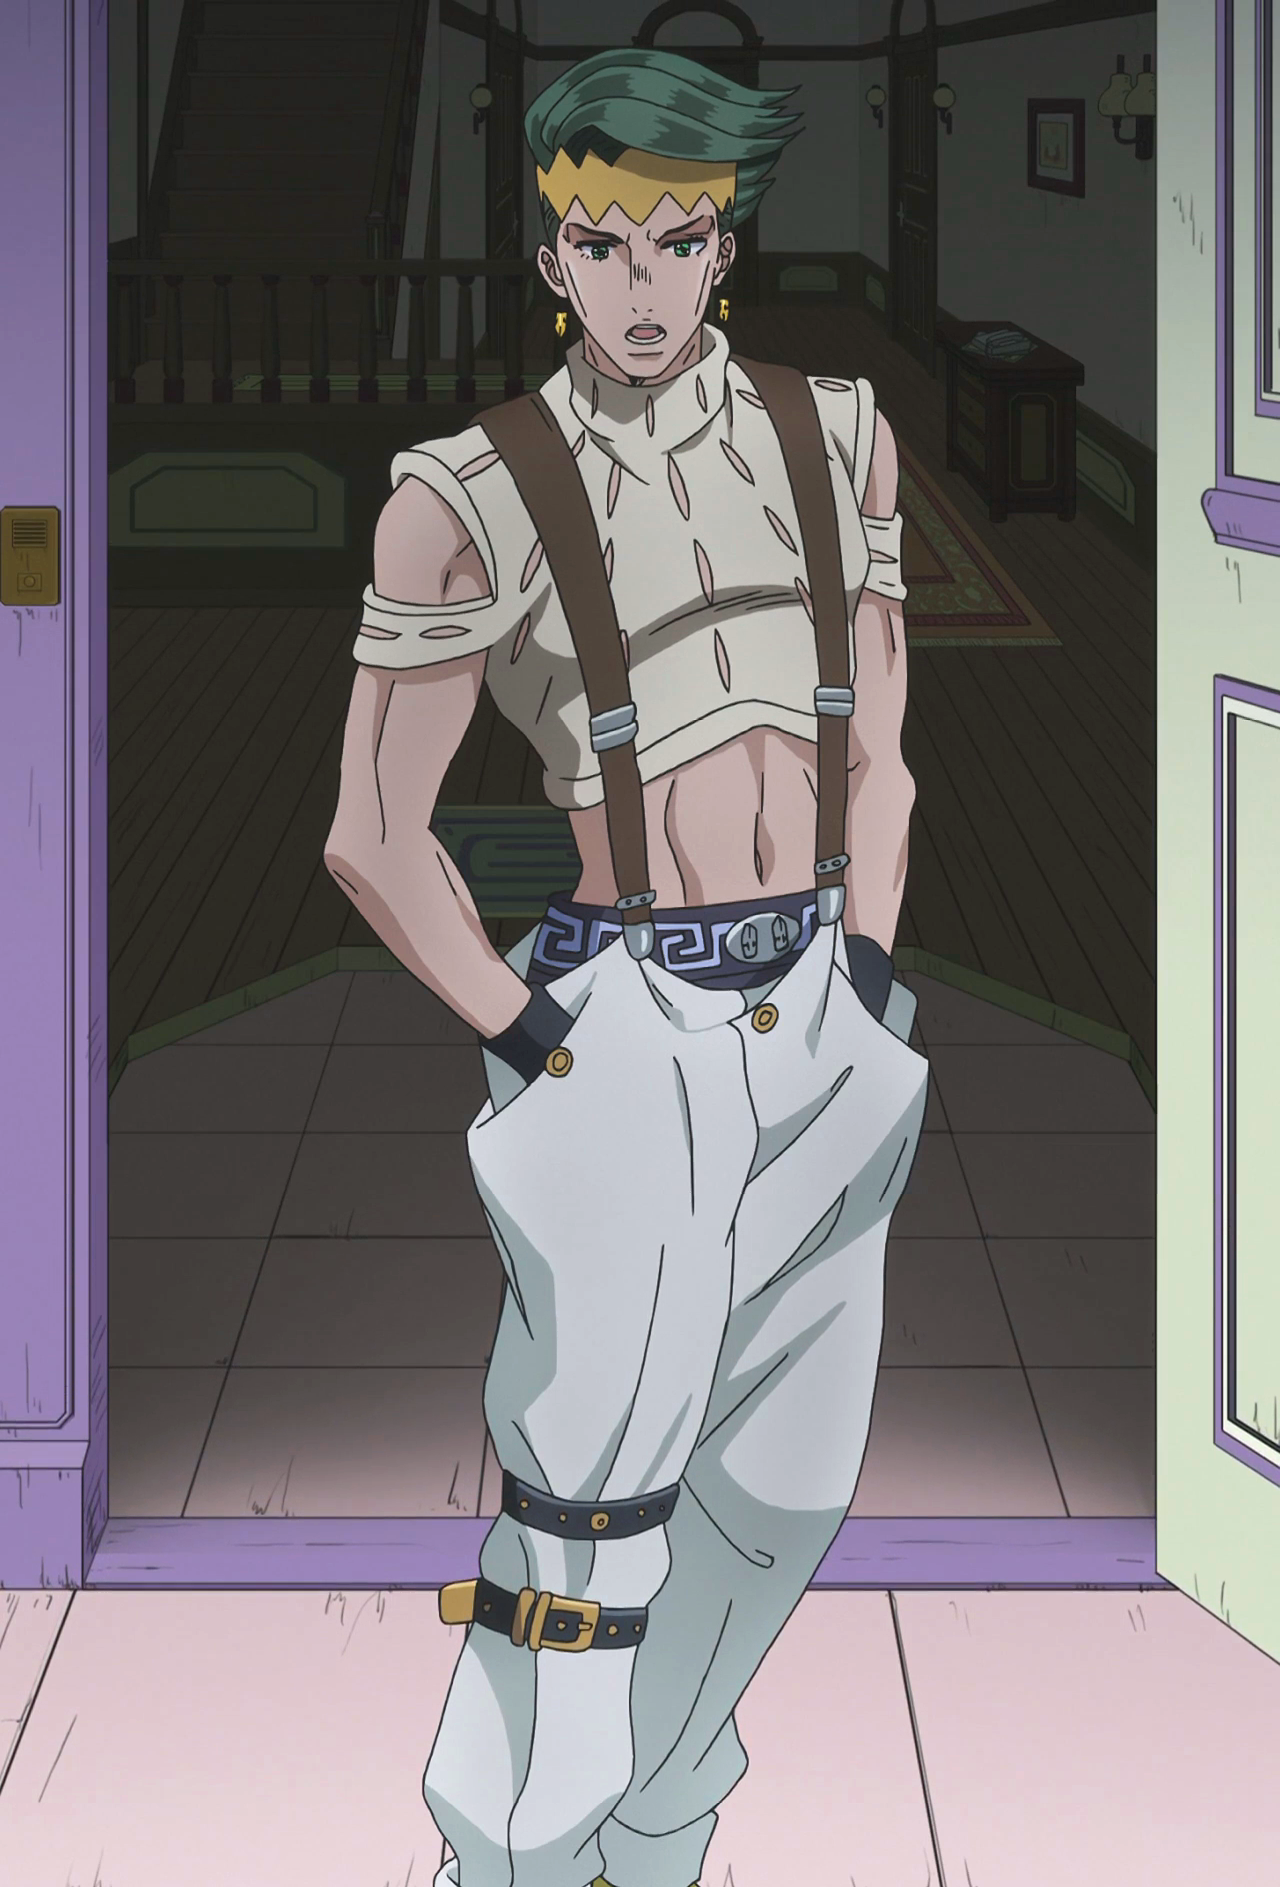 Kishibe rohans dressing style